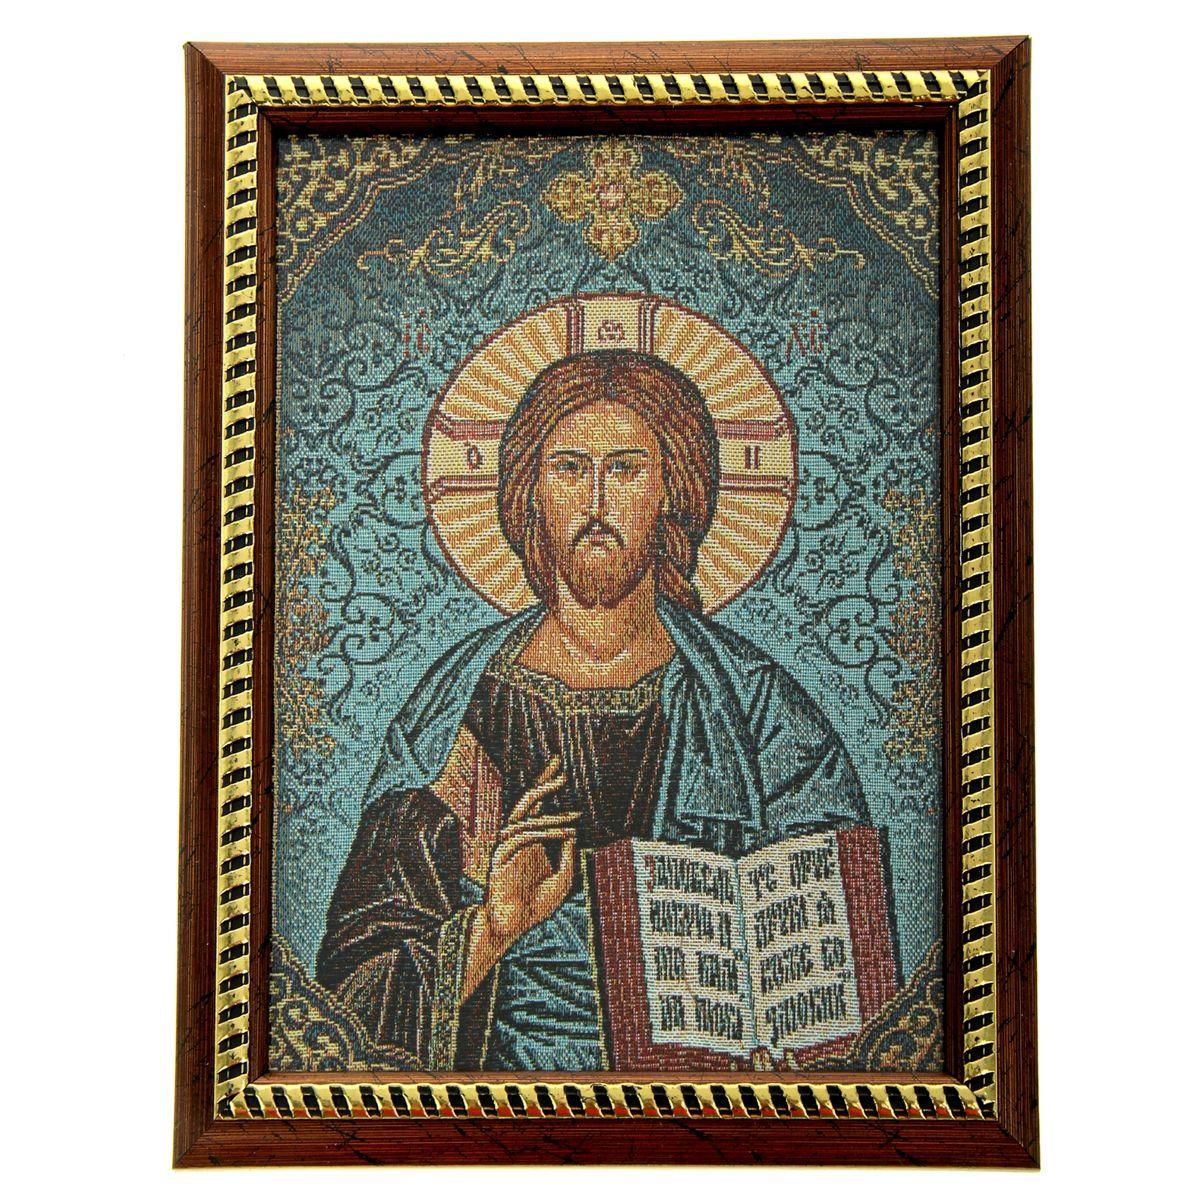 Икона в рамке Господь Вседержитель, 21 см х 27,5 см188550Икона Господь Вседержитель представляет собой святое изображение, вытканное на ткани и вставленное в деревянную рамку со стеклом. На обратной стороне иконы есть подставка, поэтому удобно располагать такую икону на столе. Икона полностью соответствует канонам Русской Православной Церкви. Икона выглядит по-настоящему богатой. Такая икона будет прекрасным подарком с духовной составляющей.